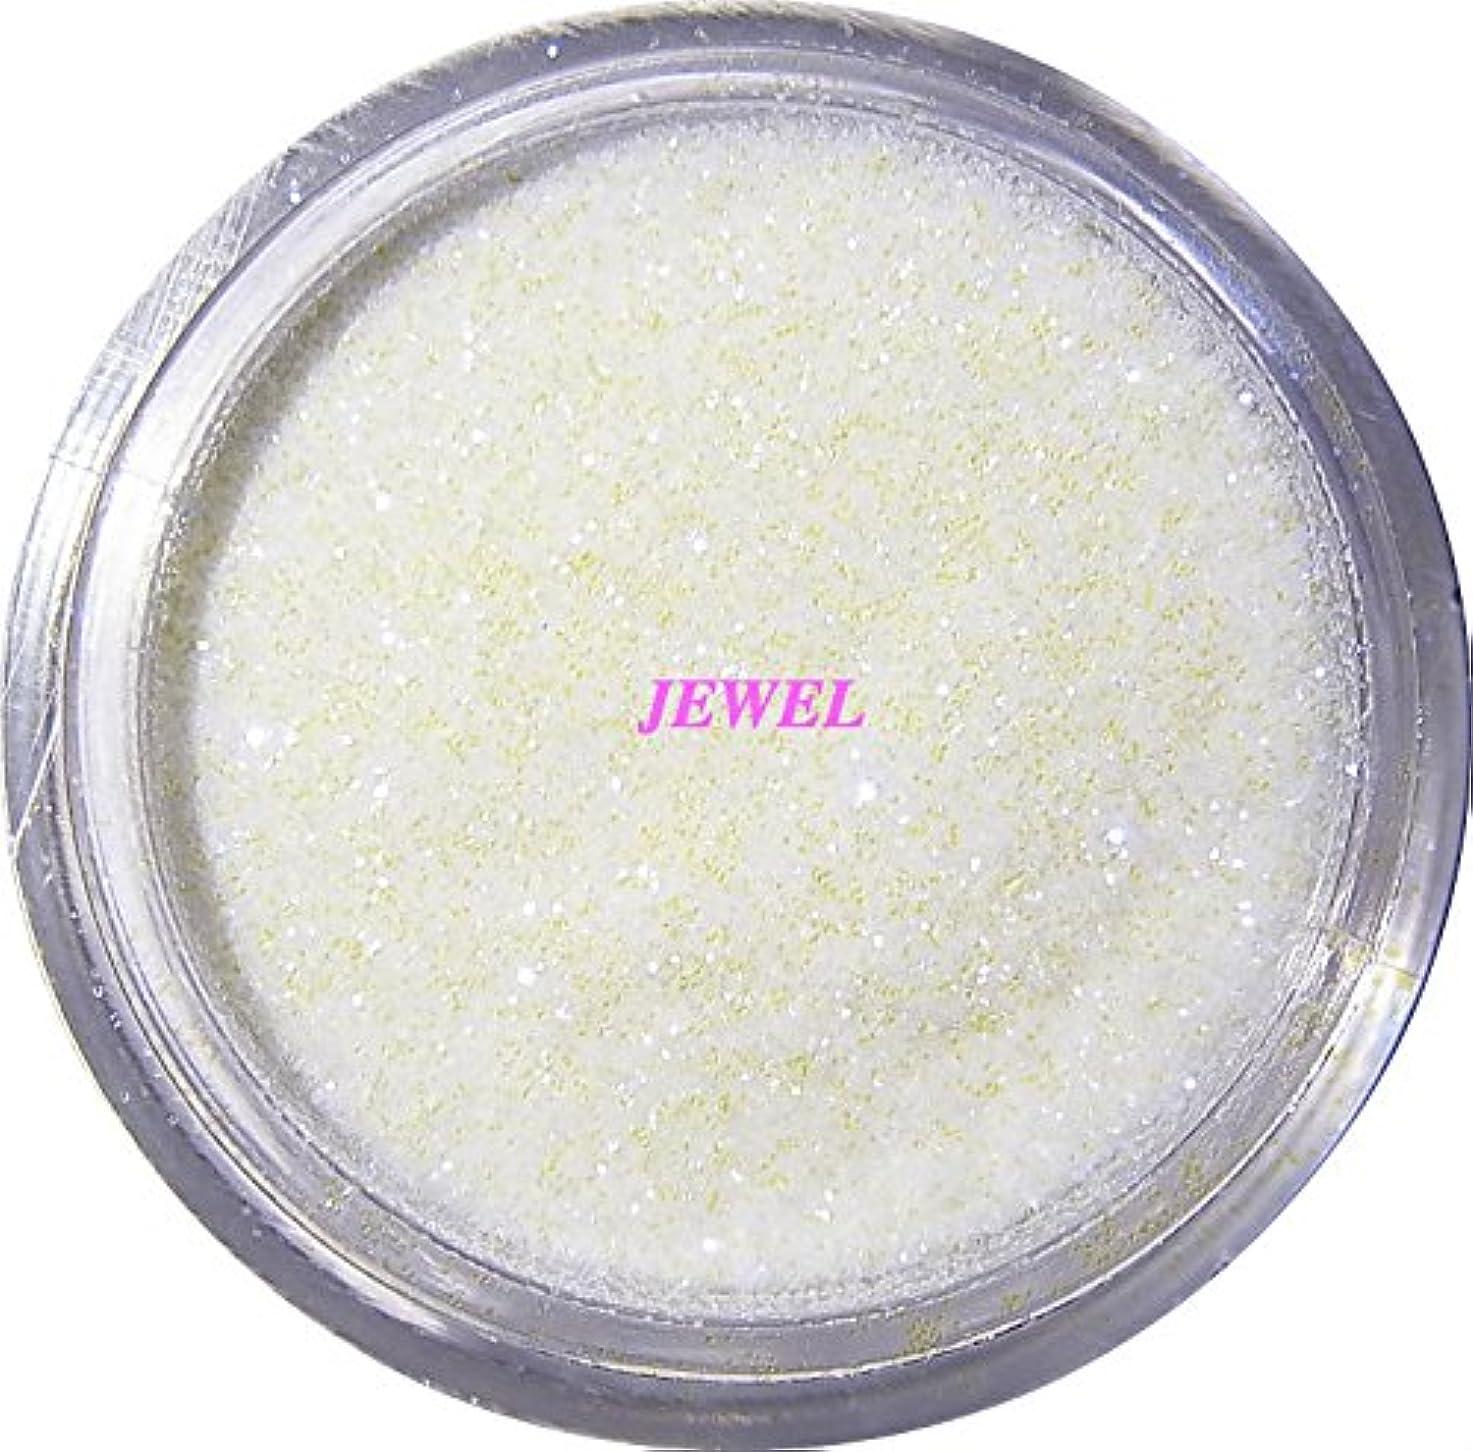 負担服を片付ける側溝【jewel】 超微粒子ラメパウダーたっぷり2g入り 12色から選択可能 レジン&ネイル用 (パールホワイト)